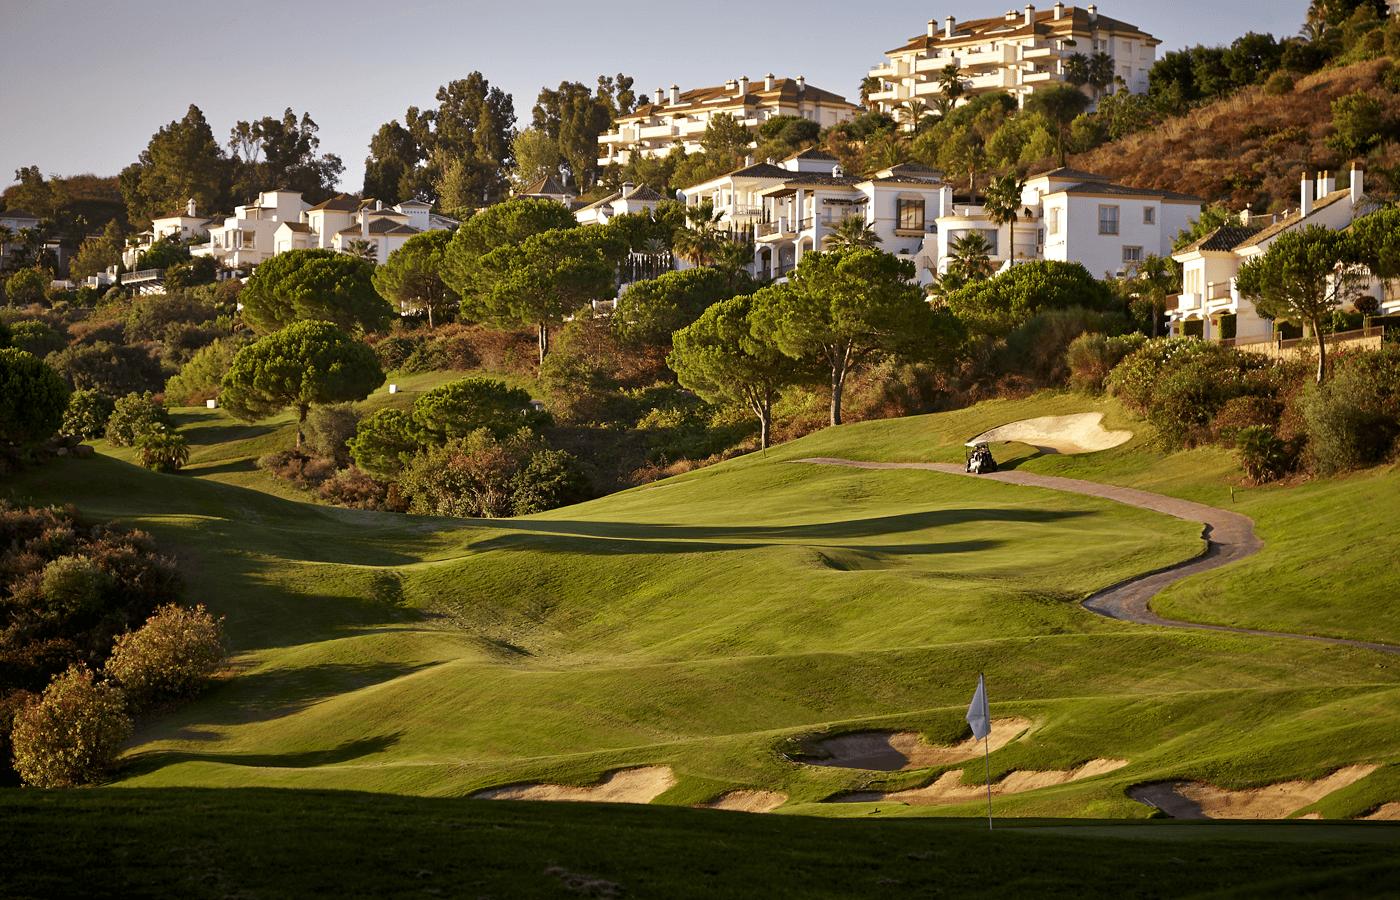 golf-in-spain